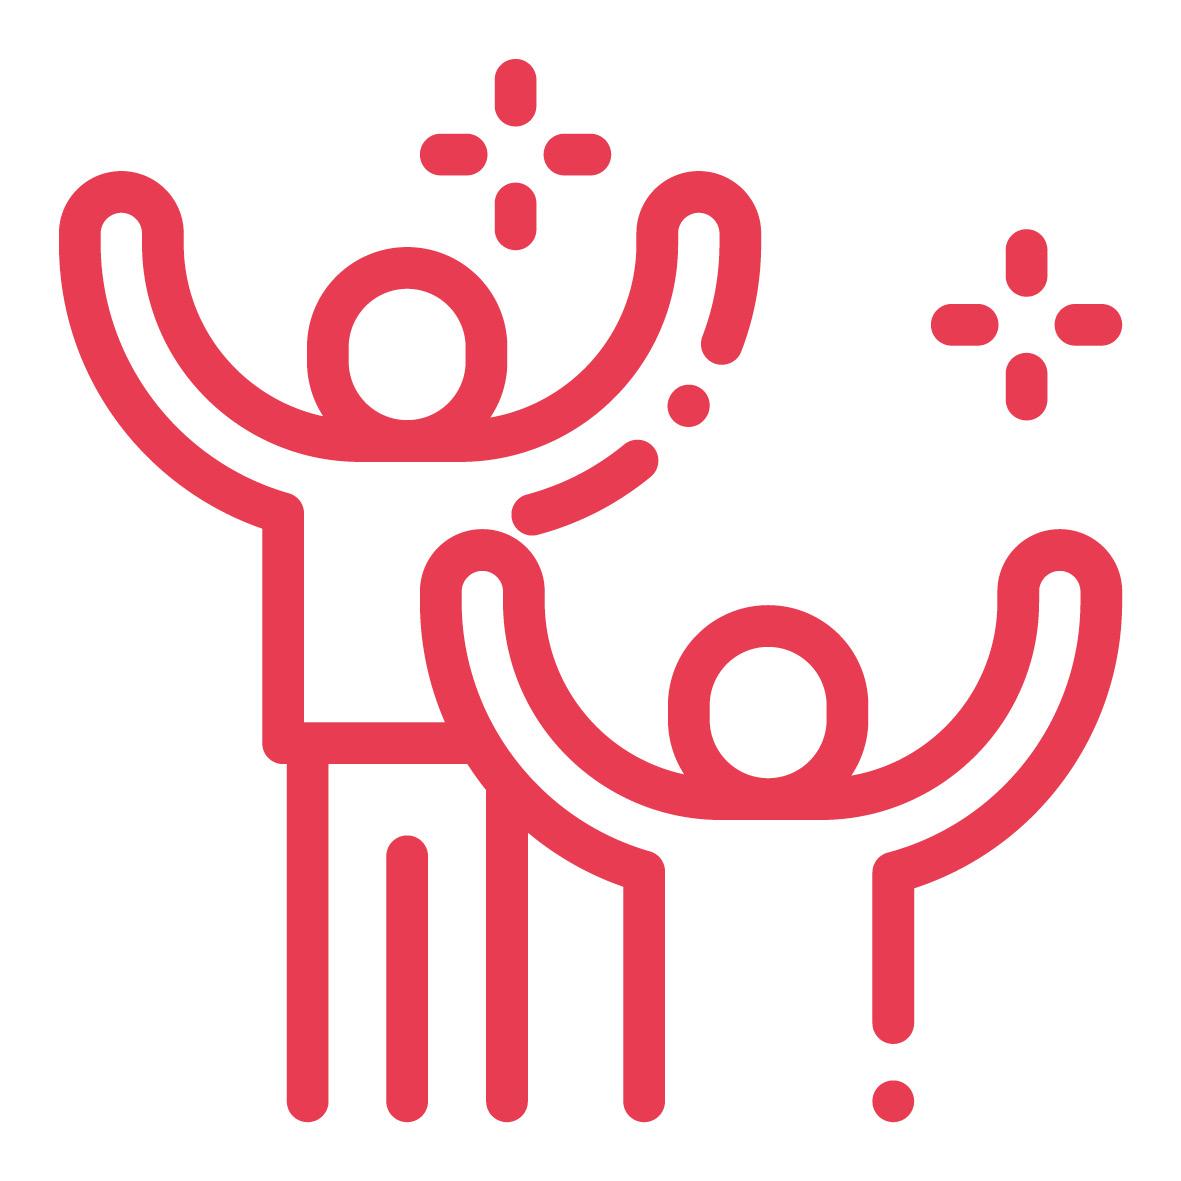 rosa associati - Wellbeing - Per le aziende7